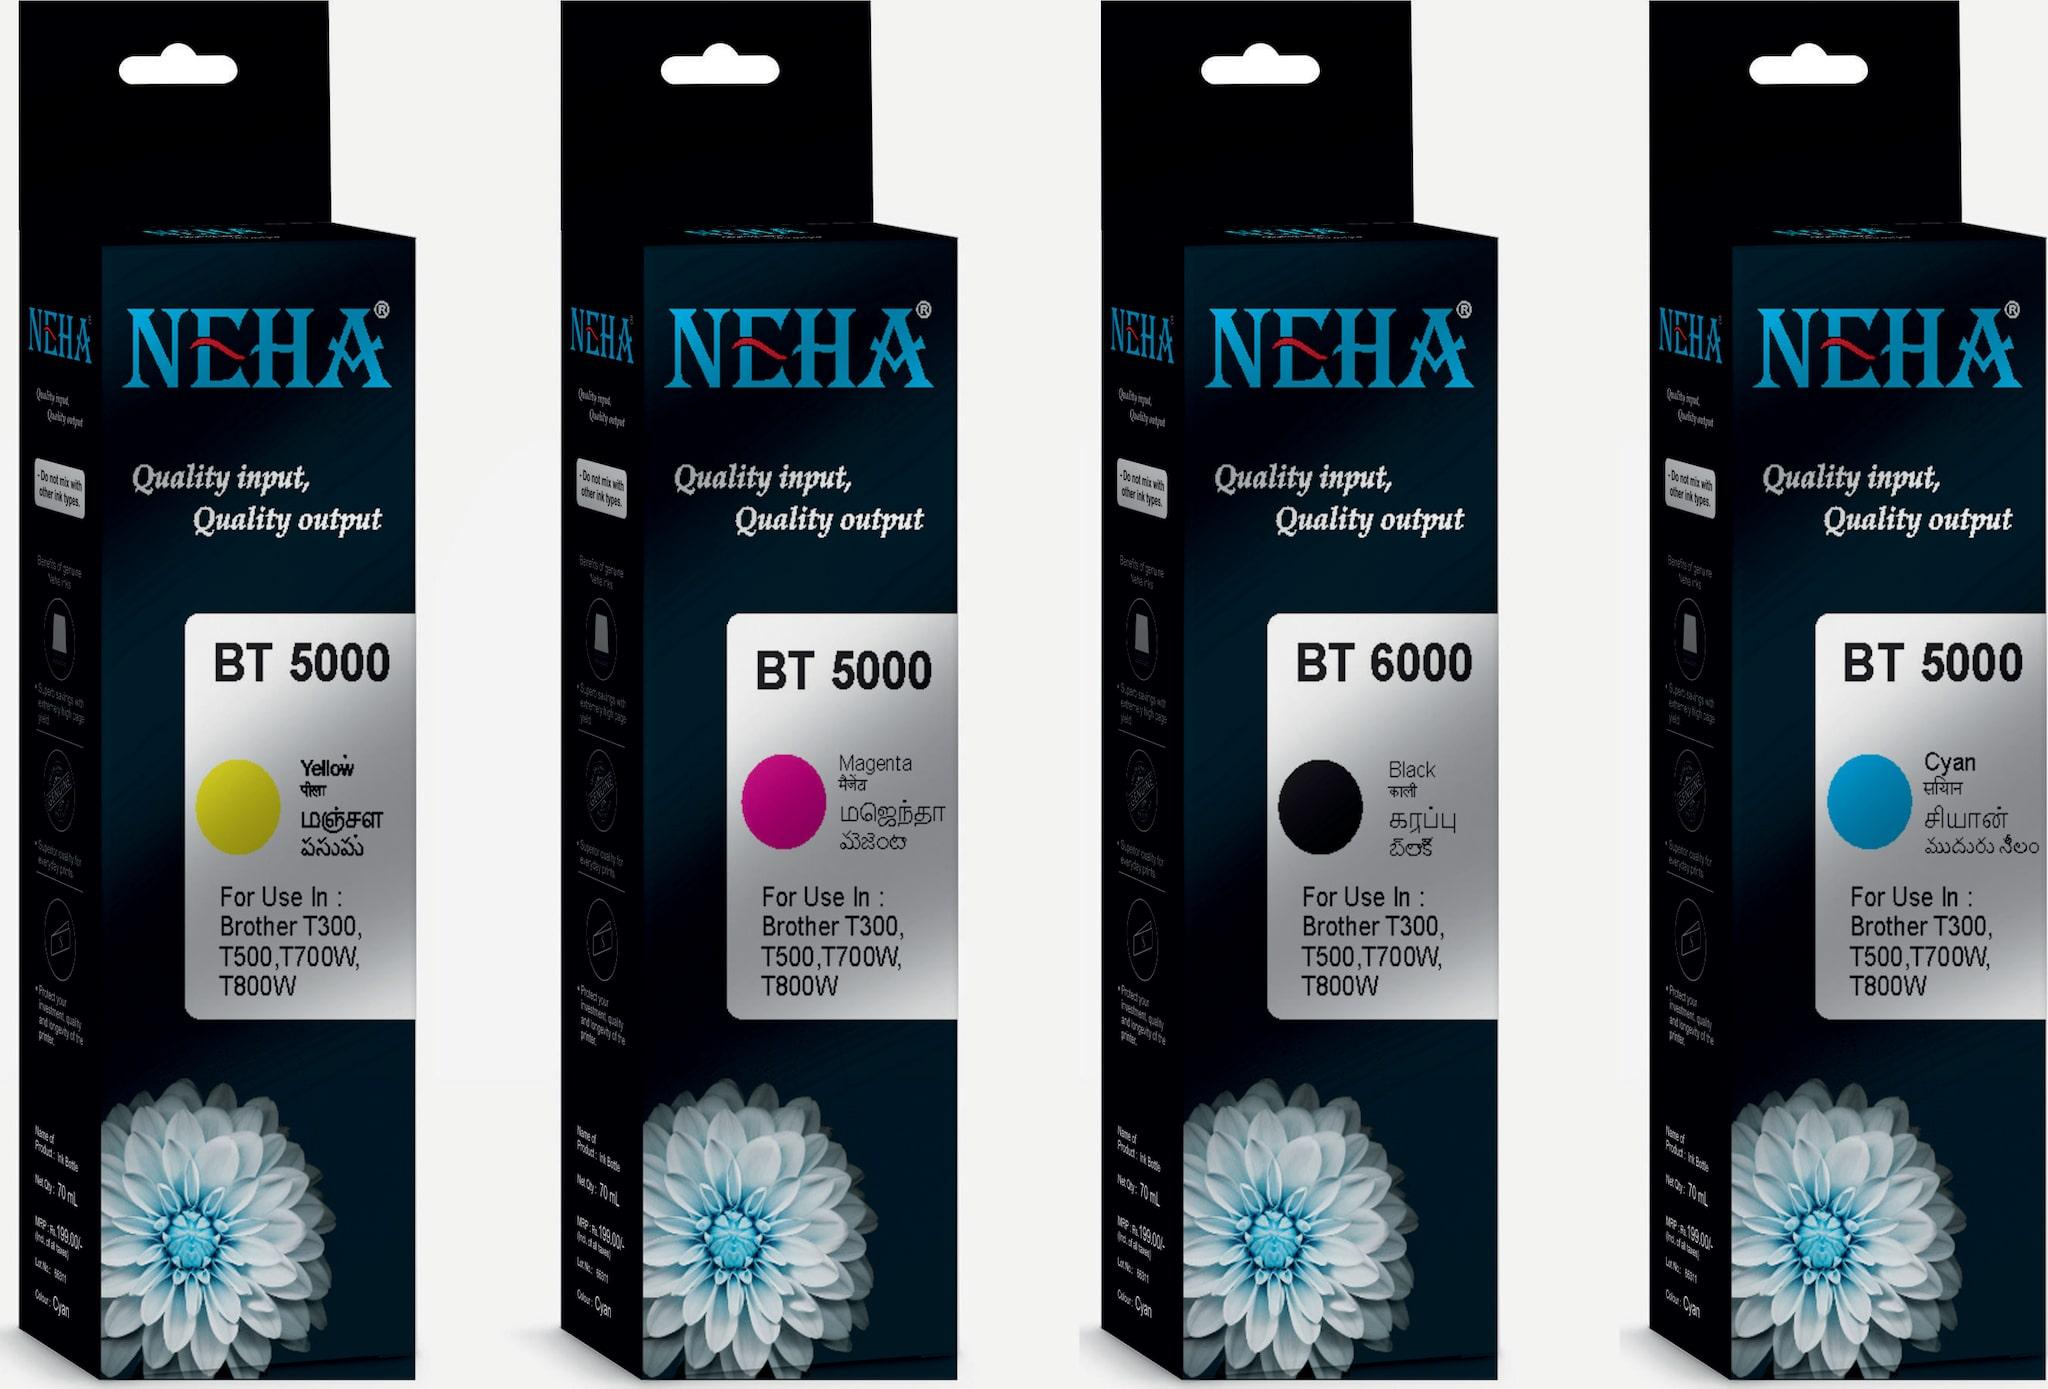 Neha BT6000/5000 INK PACK OF 4 FOR BROTHER DCP T300,T500W,T700W,MFC T800W by Global Copier